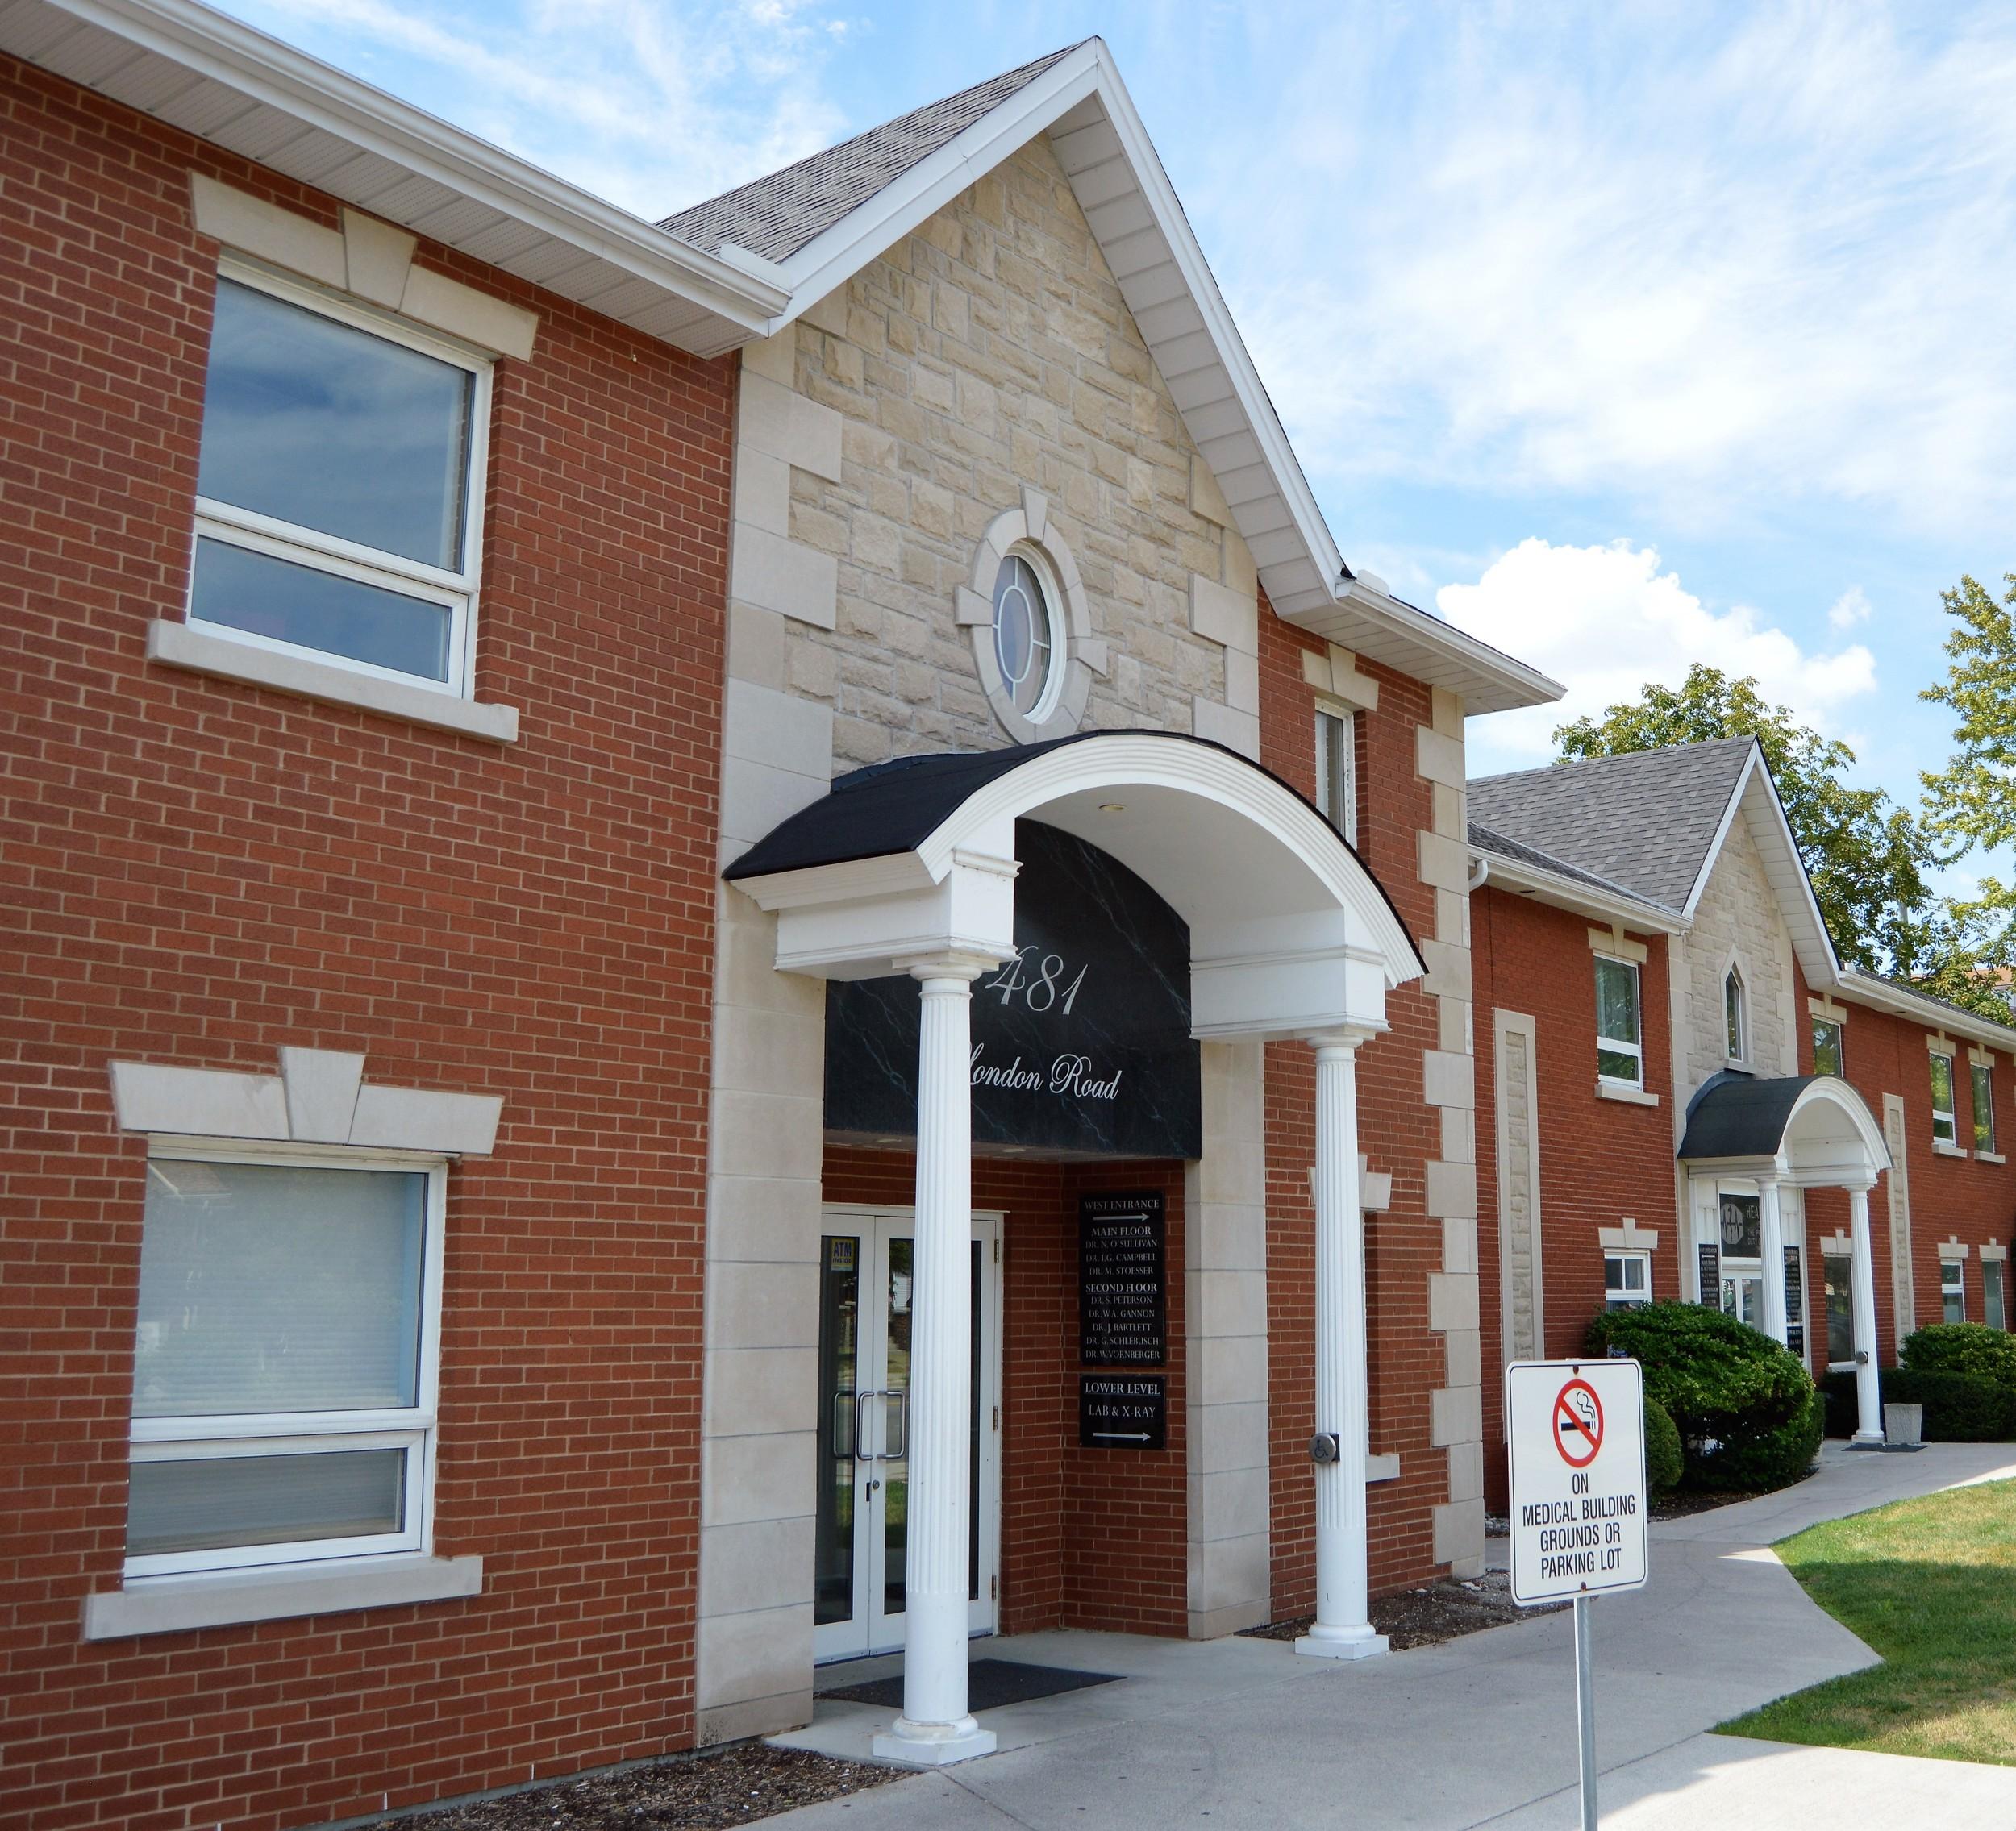 481 London Rd. Sarnia, Ontario